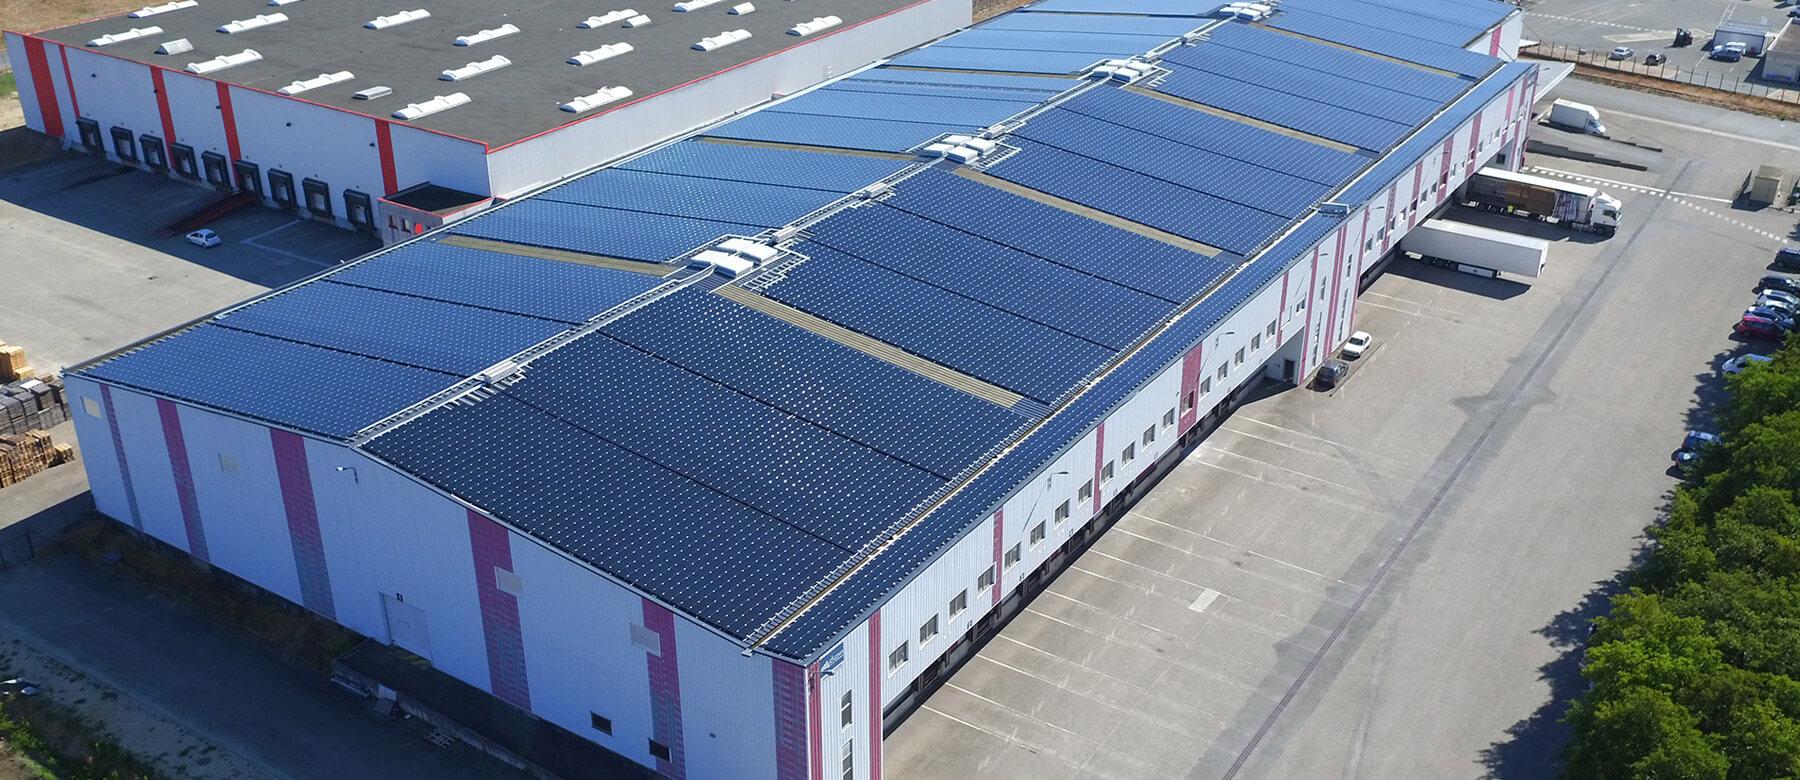 SPAD centrale photovoltaique